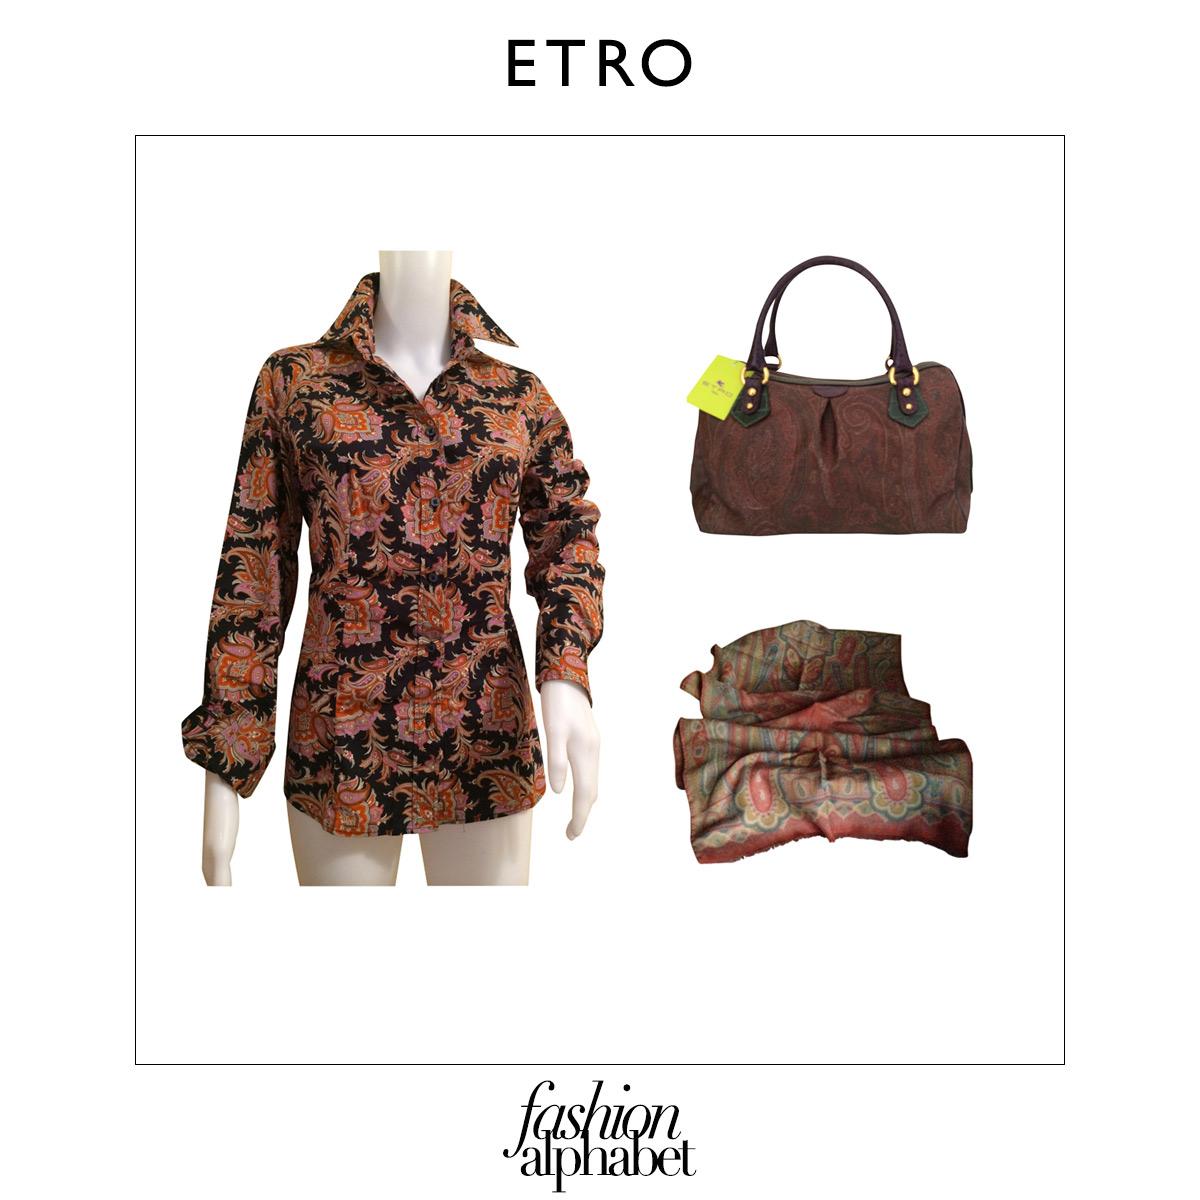 sale retailer b685b 84815 Fashion Alphabet: E come Etro - Tgcom24